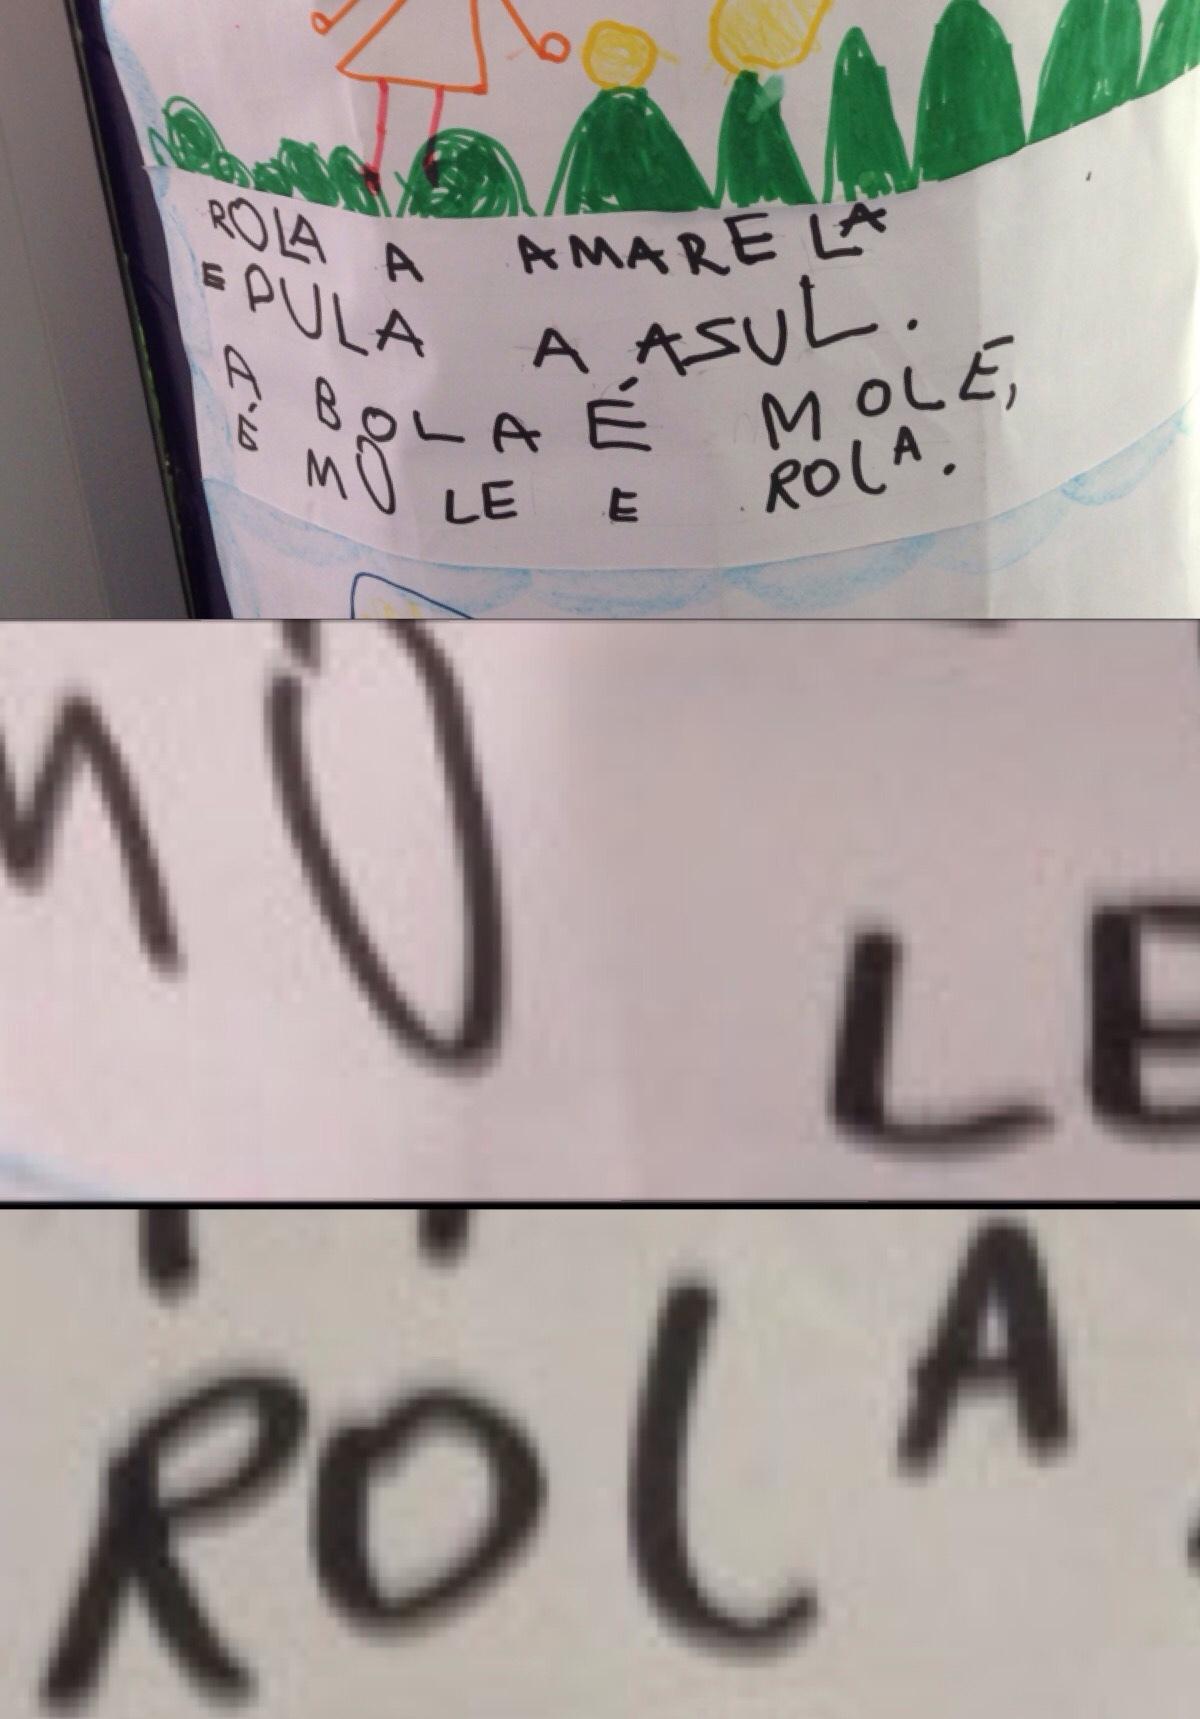 mole, rola... ( ͡° ͜ʖ ͡°) - meme